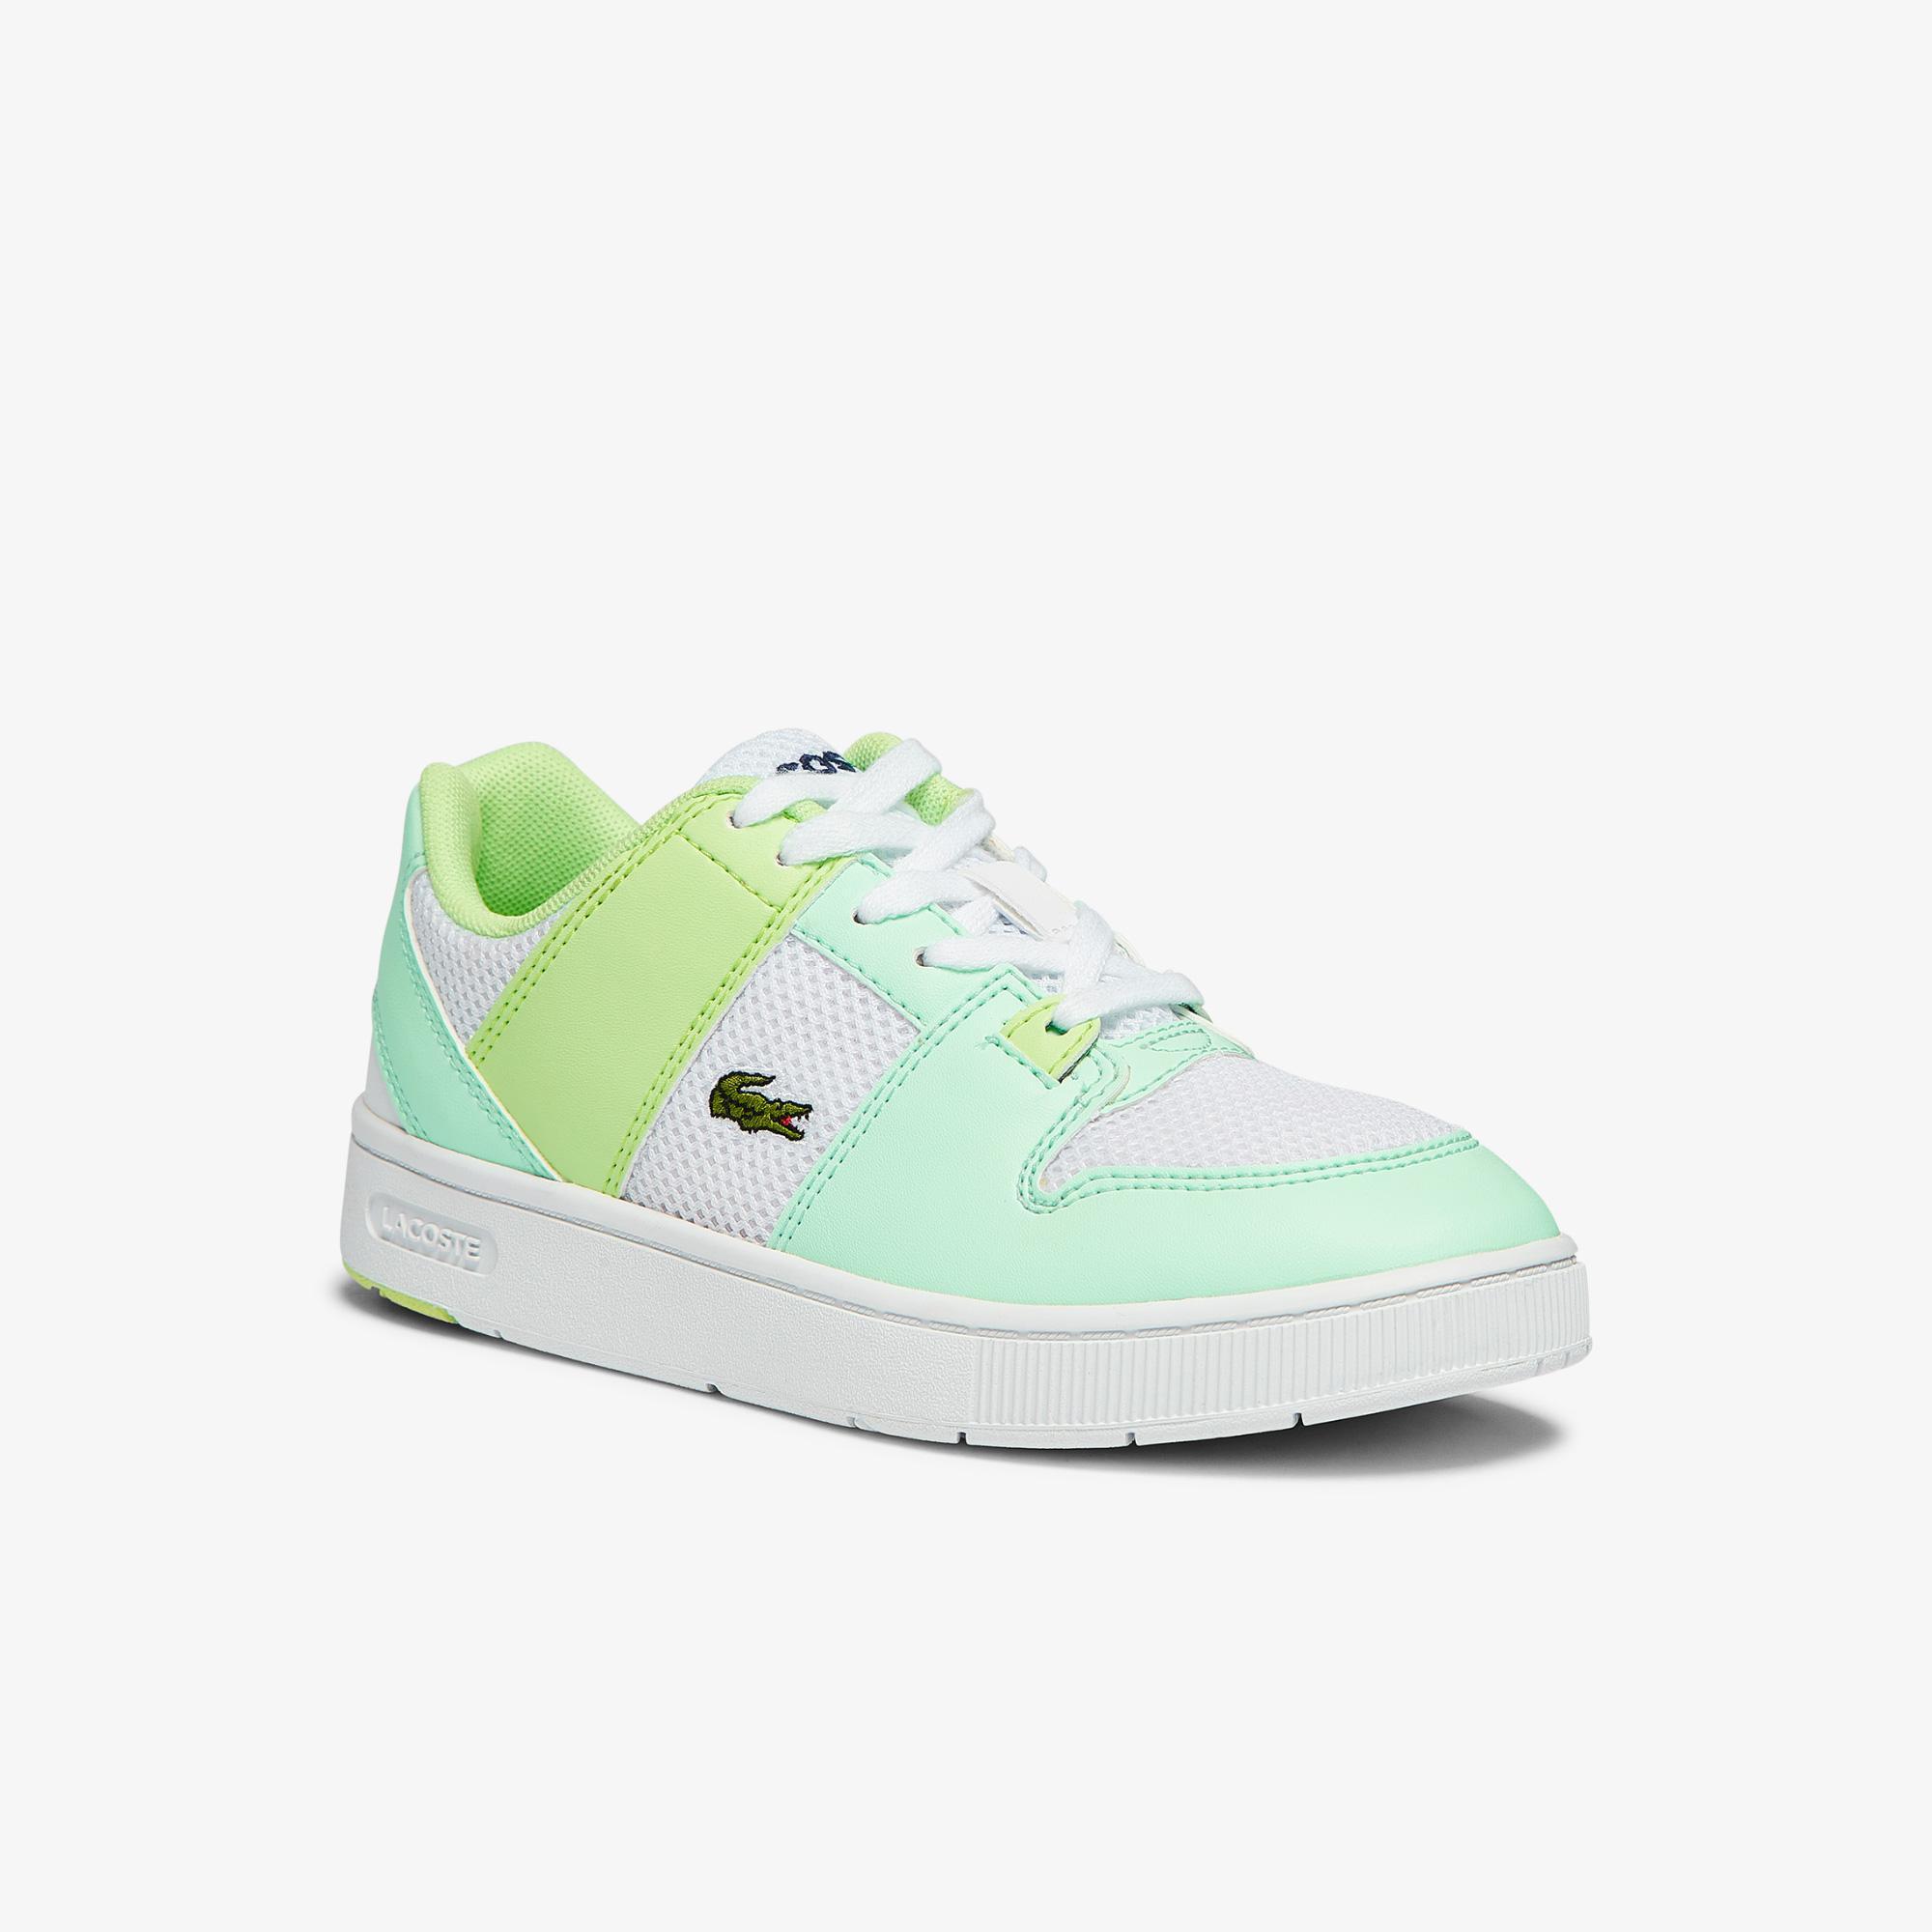 Lacoste Thrill 1121 1 Suc Çocuk Beyaz - Açık Mavi Sneaker